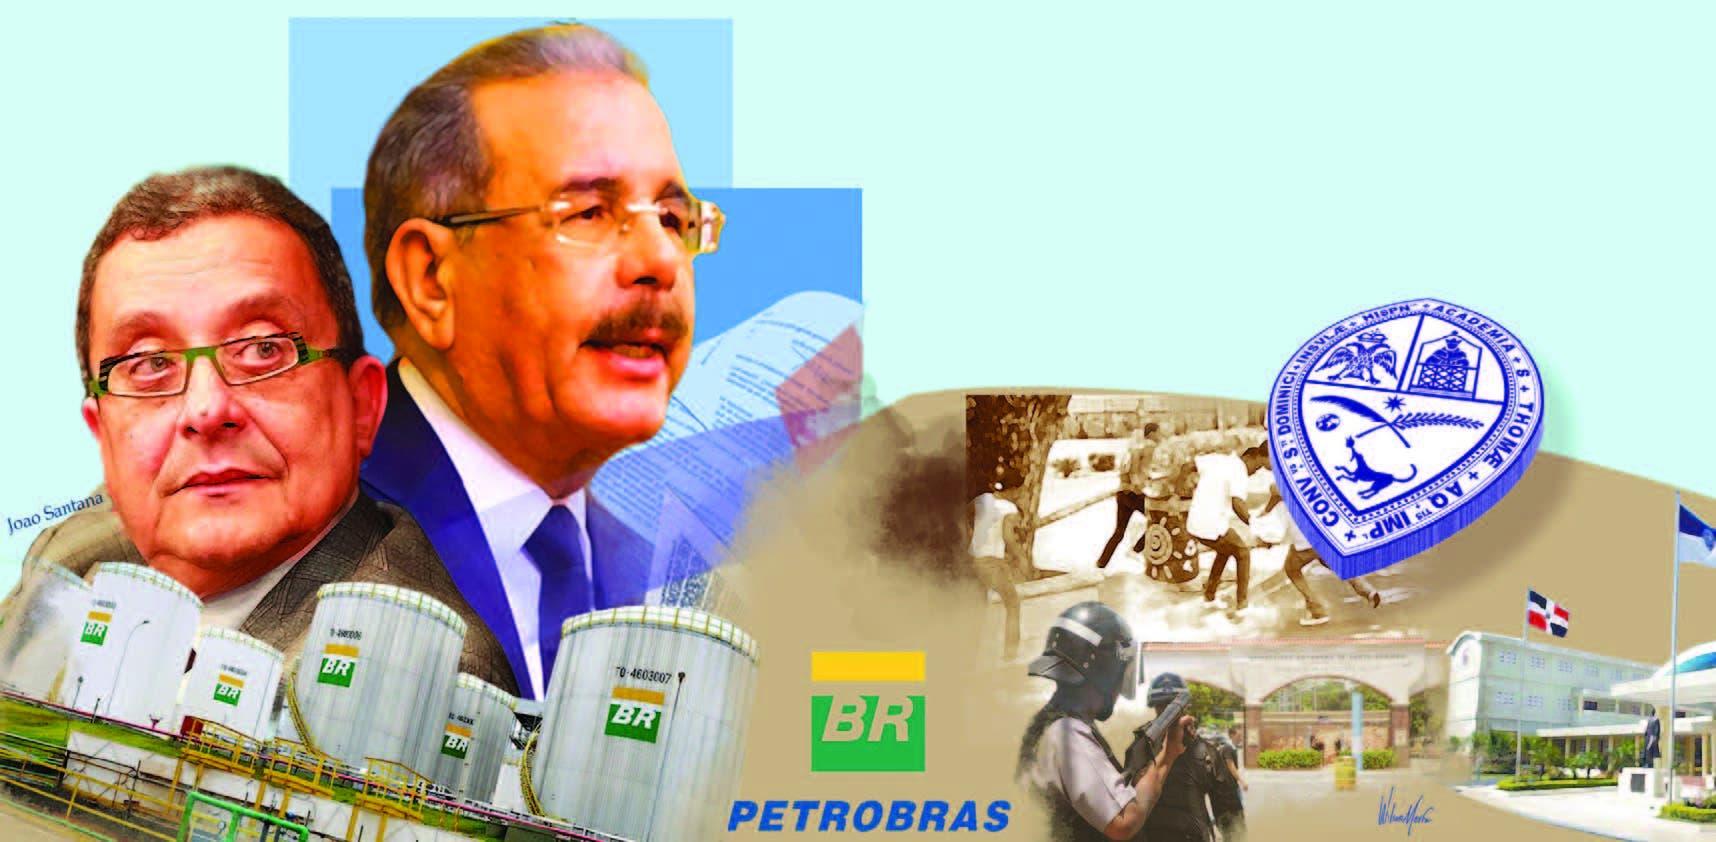 El Gobierno buscaría desviar la atención del escándalo Joao Santana-Odebrecht